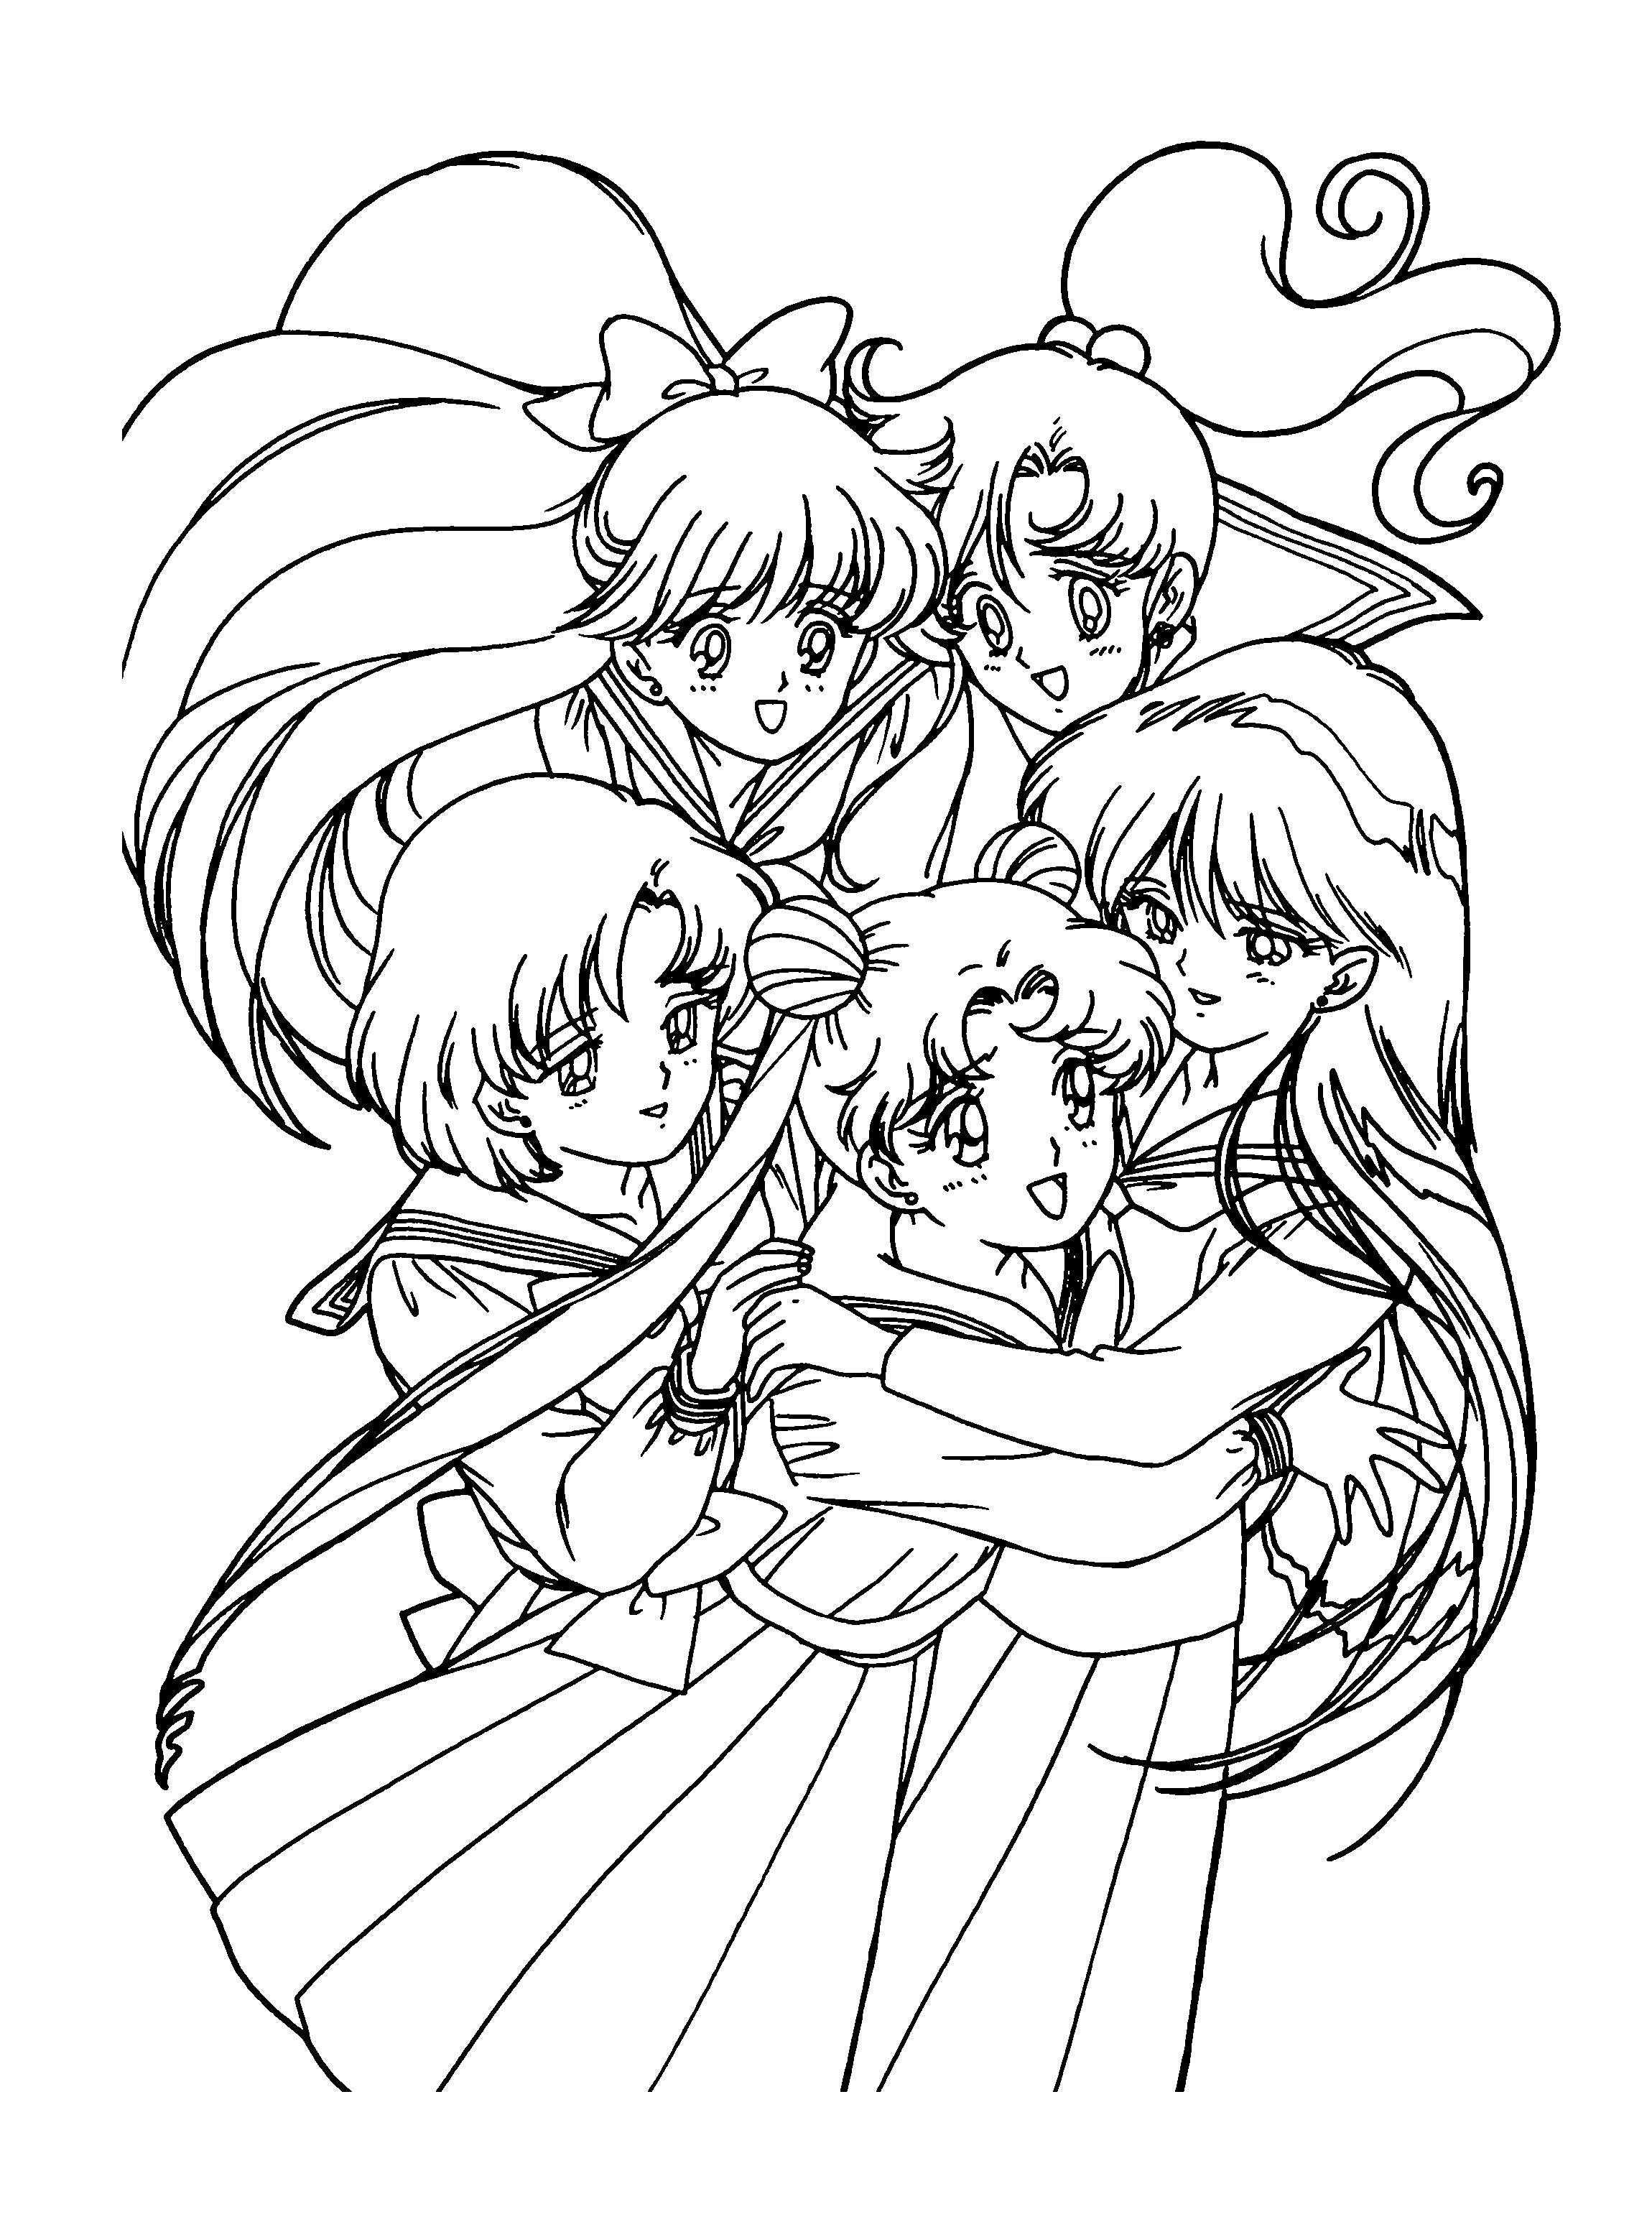 Anime Ausmalbilder Chibi  Anime Marchen Malvorlagen frankieis